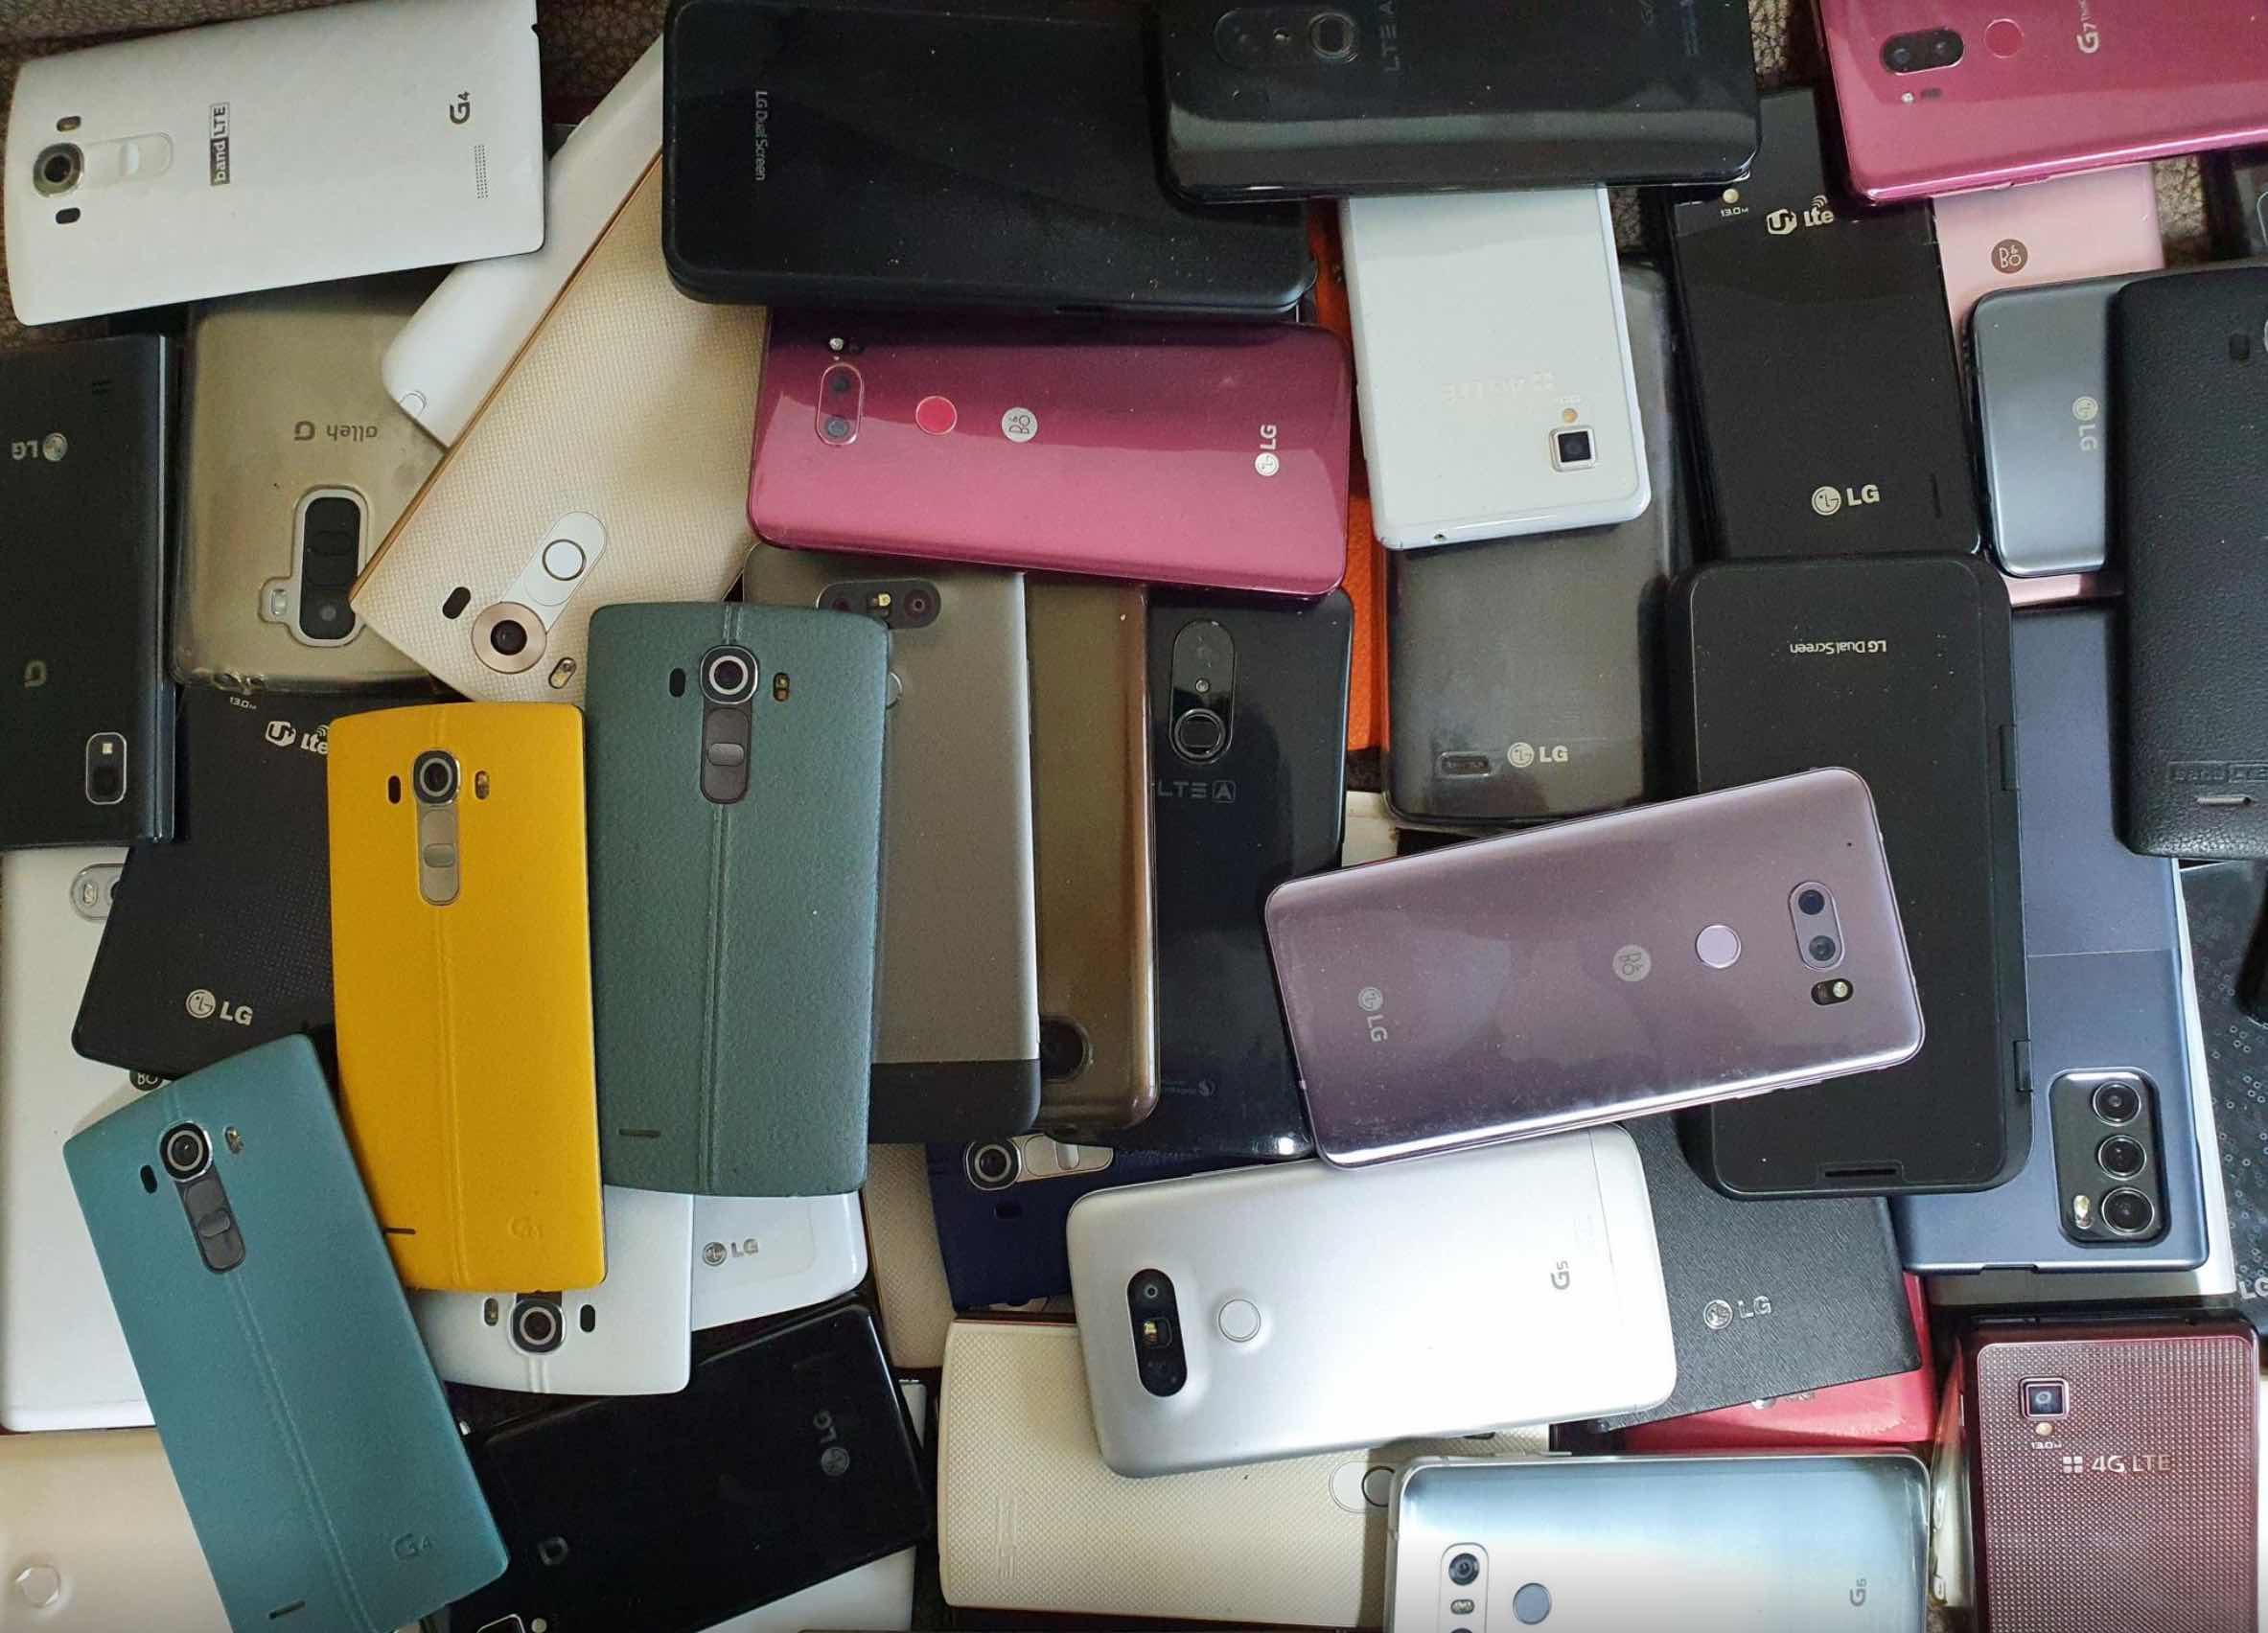 LG dong cua mang kinh doanh smartphone anh 8